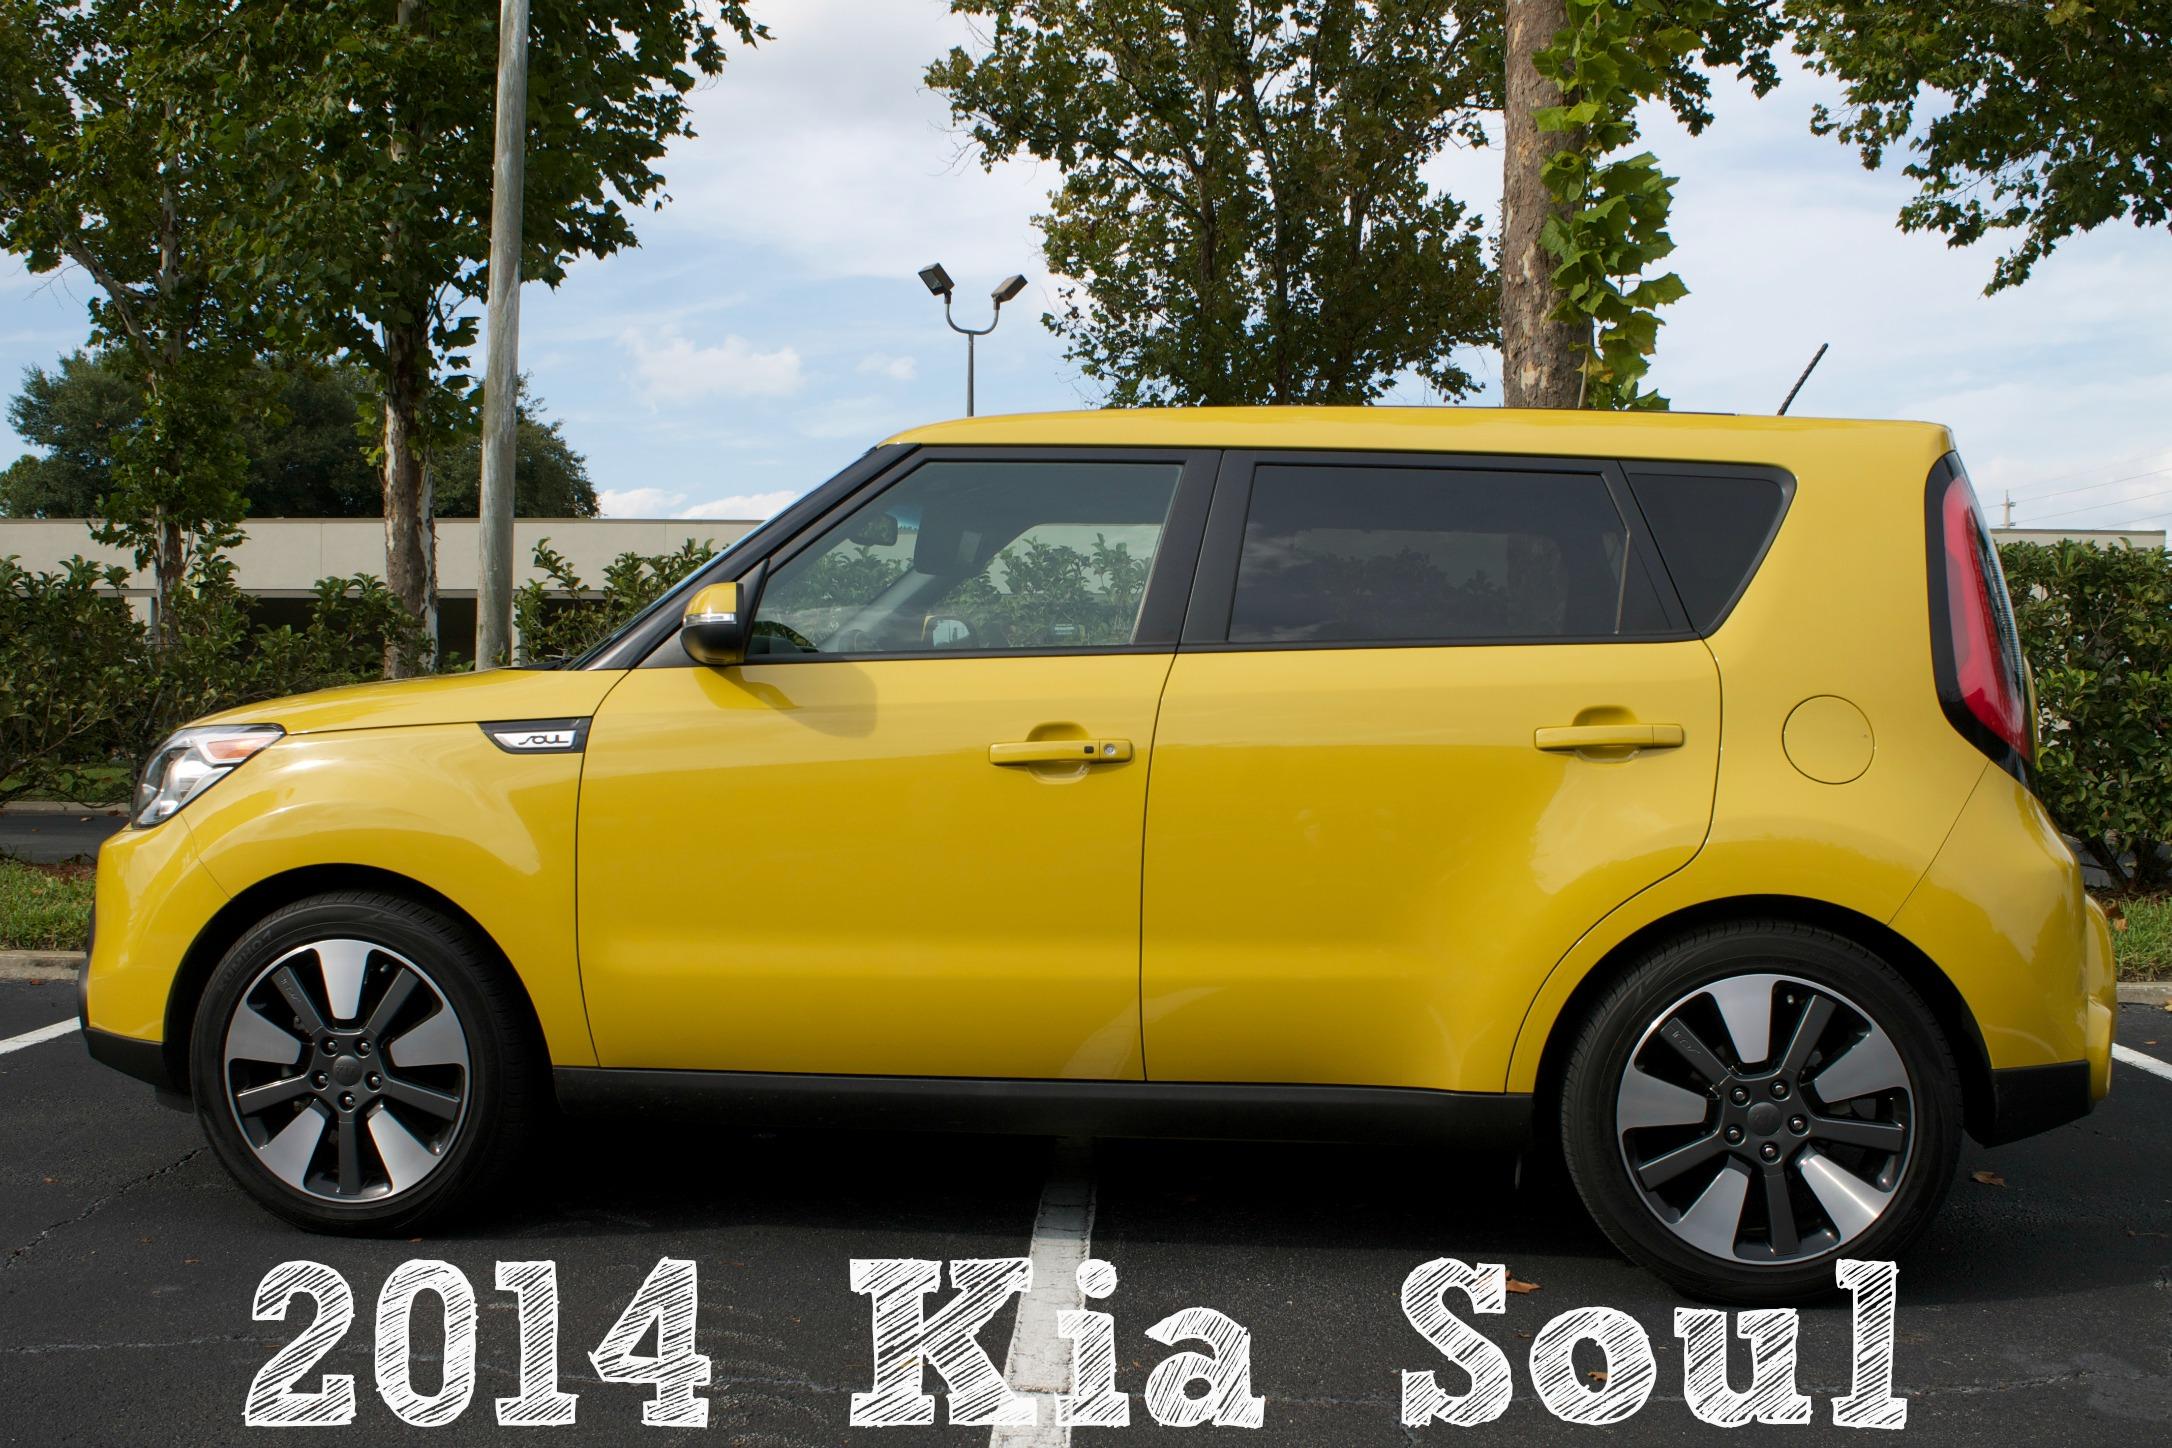 Kia soul review